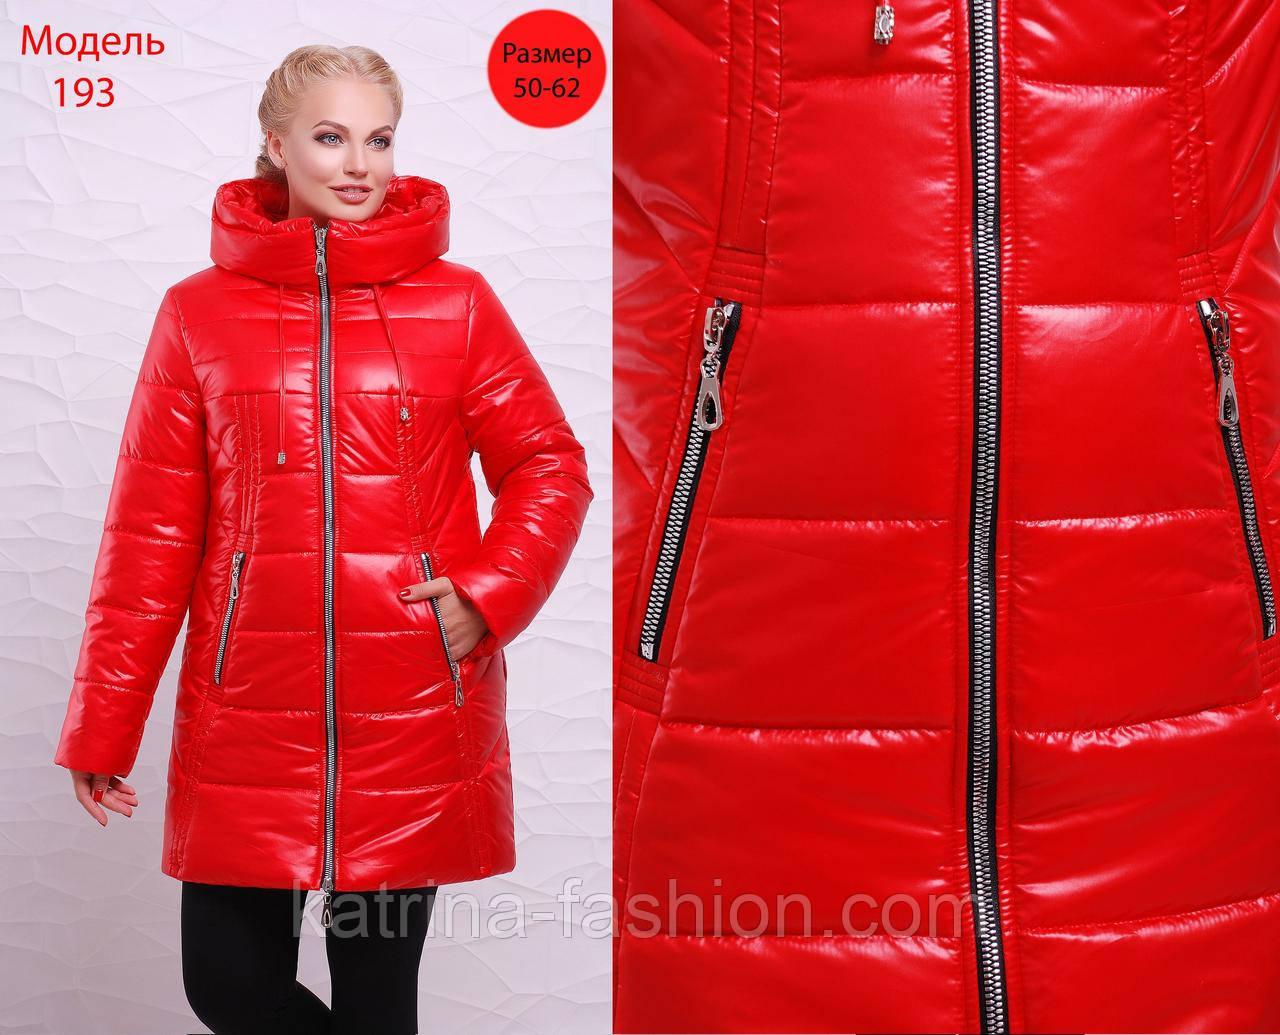 3ec1519e377 Женская зимняя куртка больших размеров  продажа